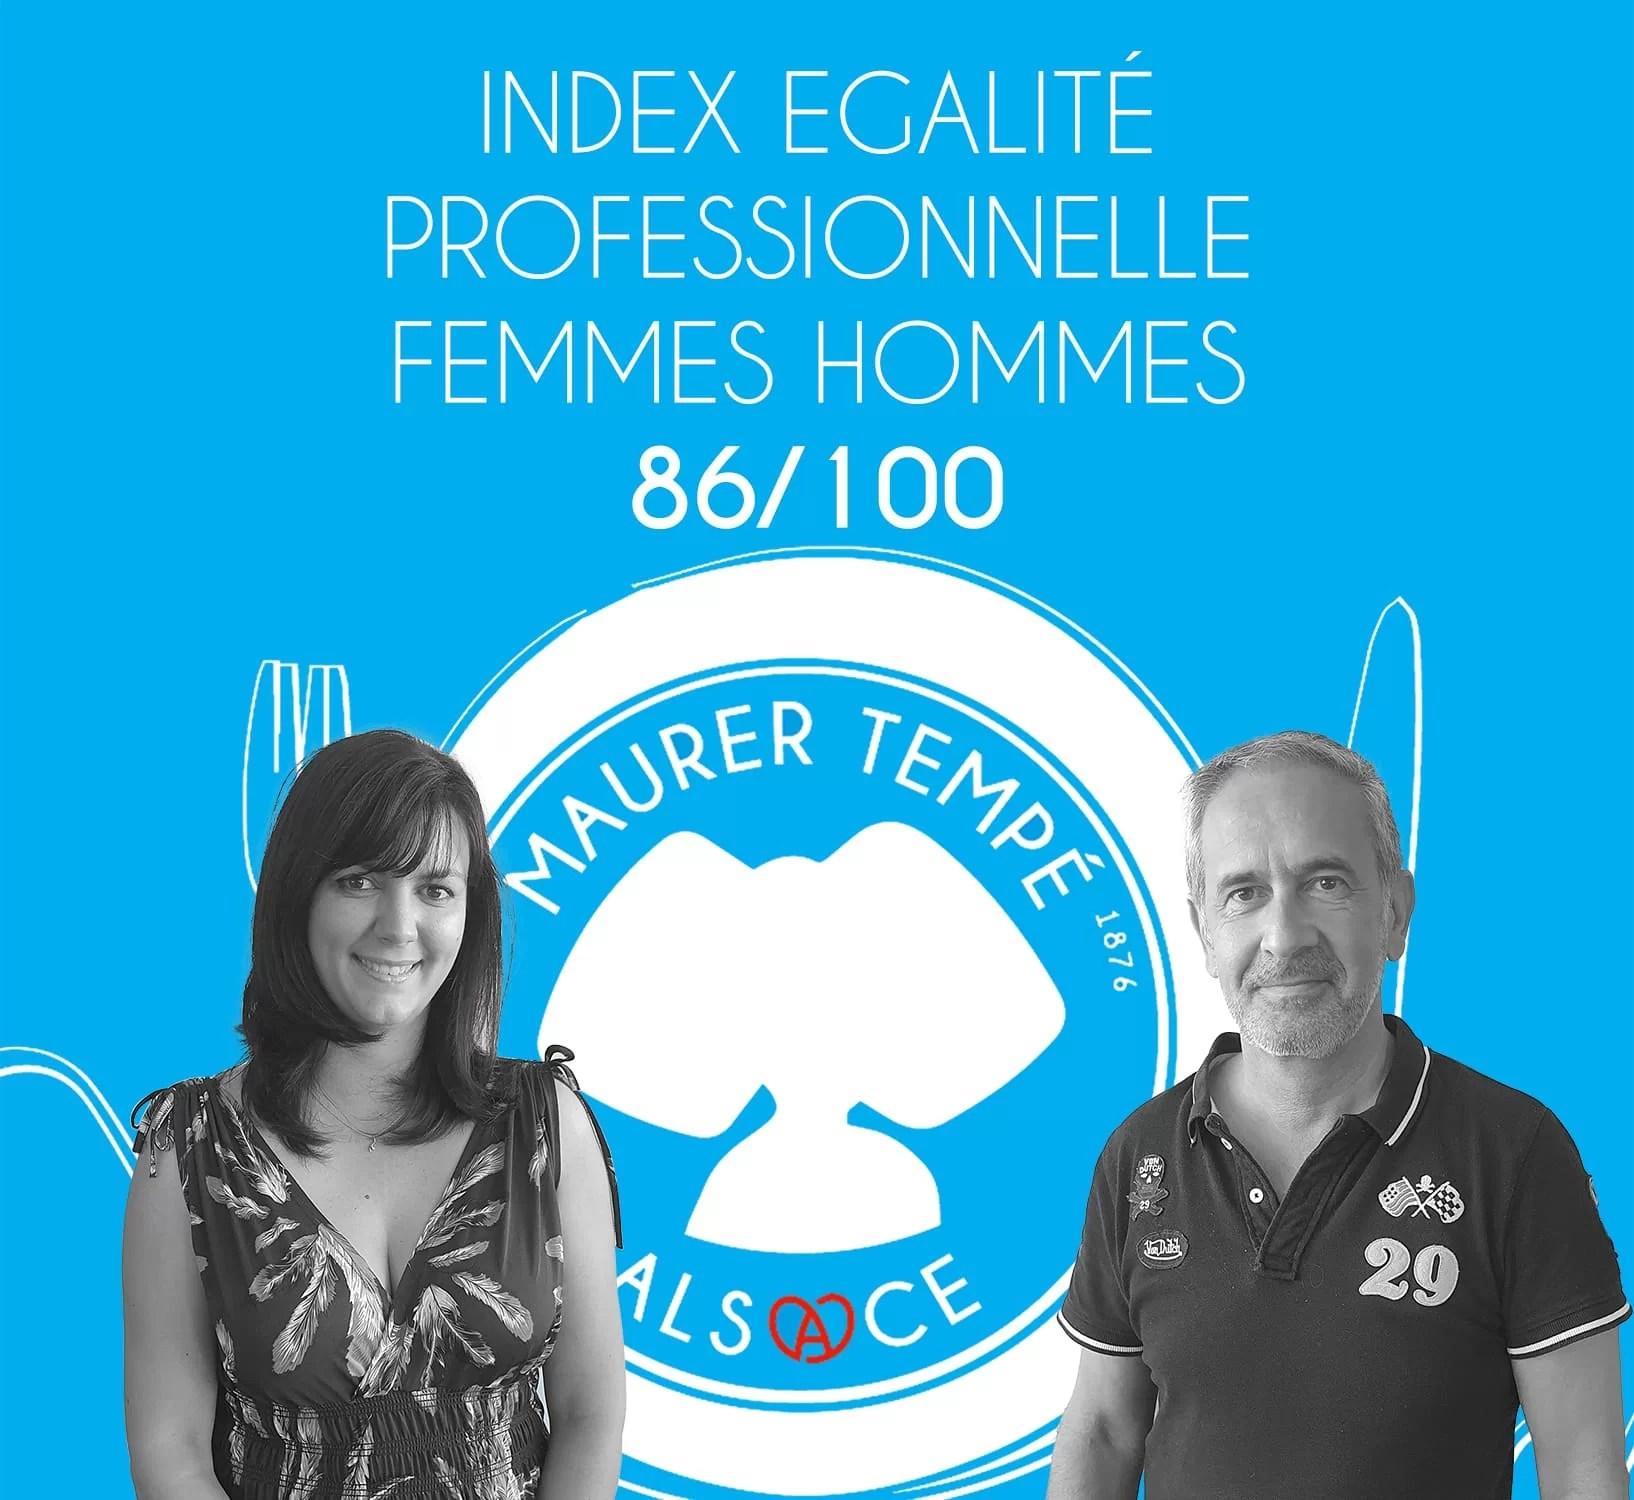 Index égalité professionnelle Femmes Hommes 2020